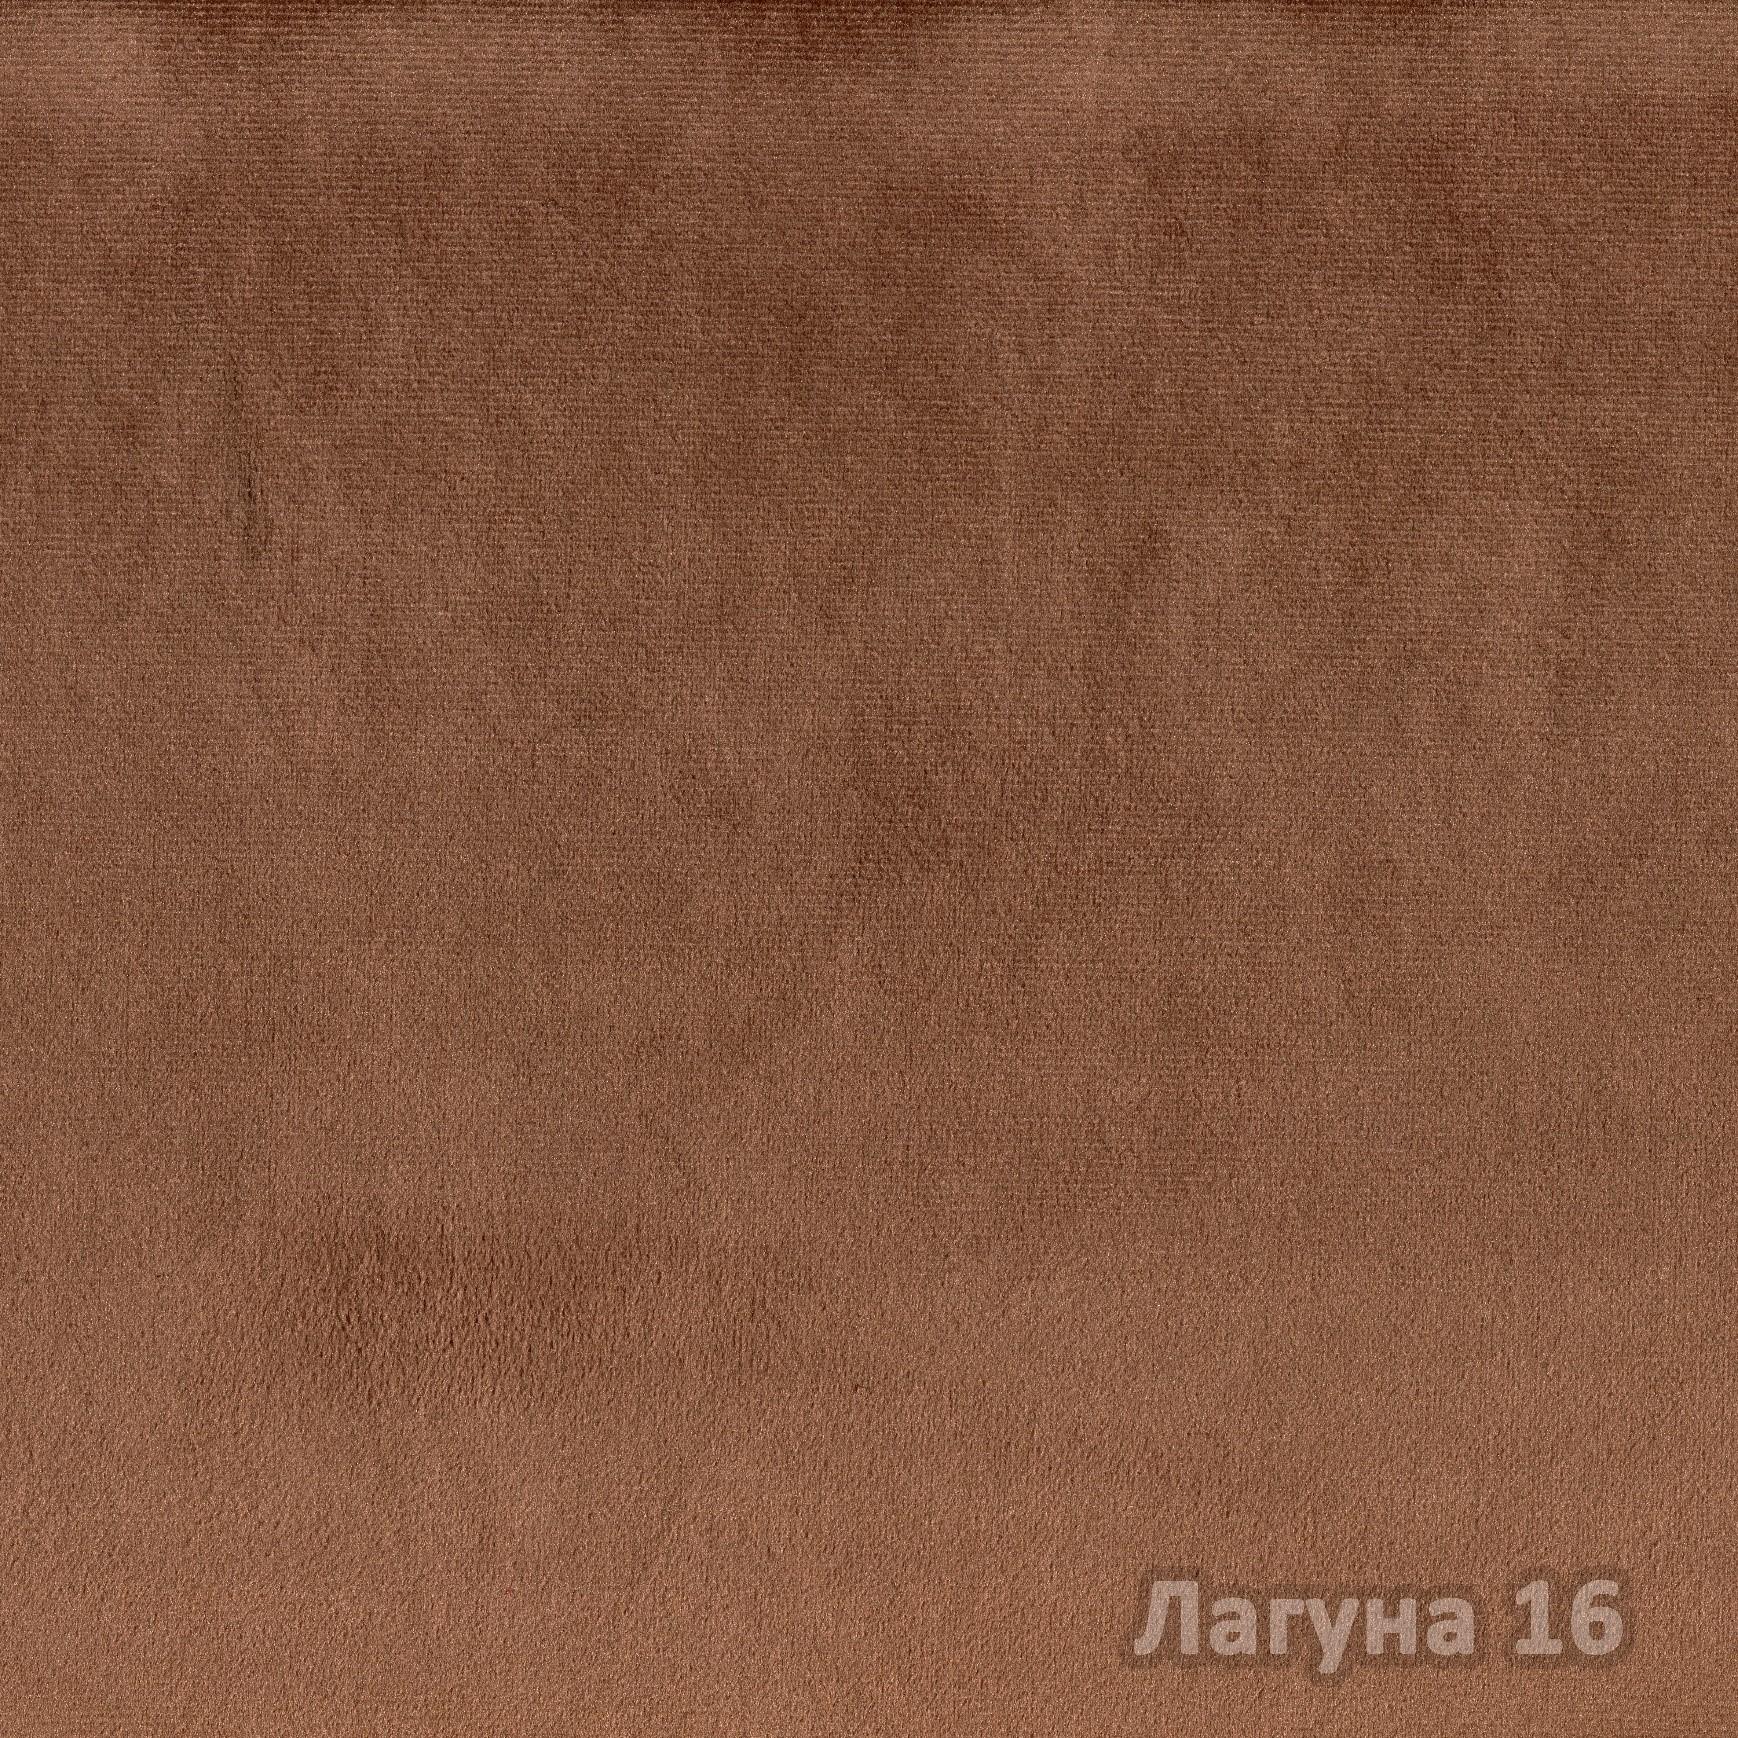 Коллекция ткани Лагуна 16,  купить ткань Велюр для мебели Украина